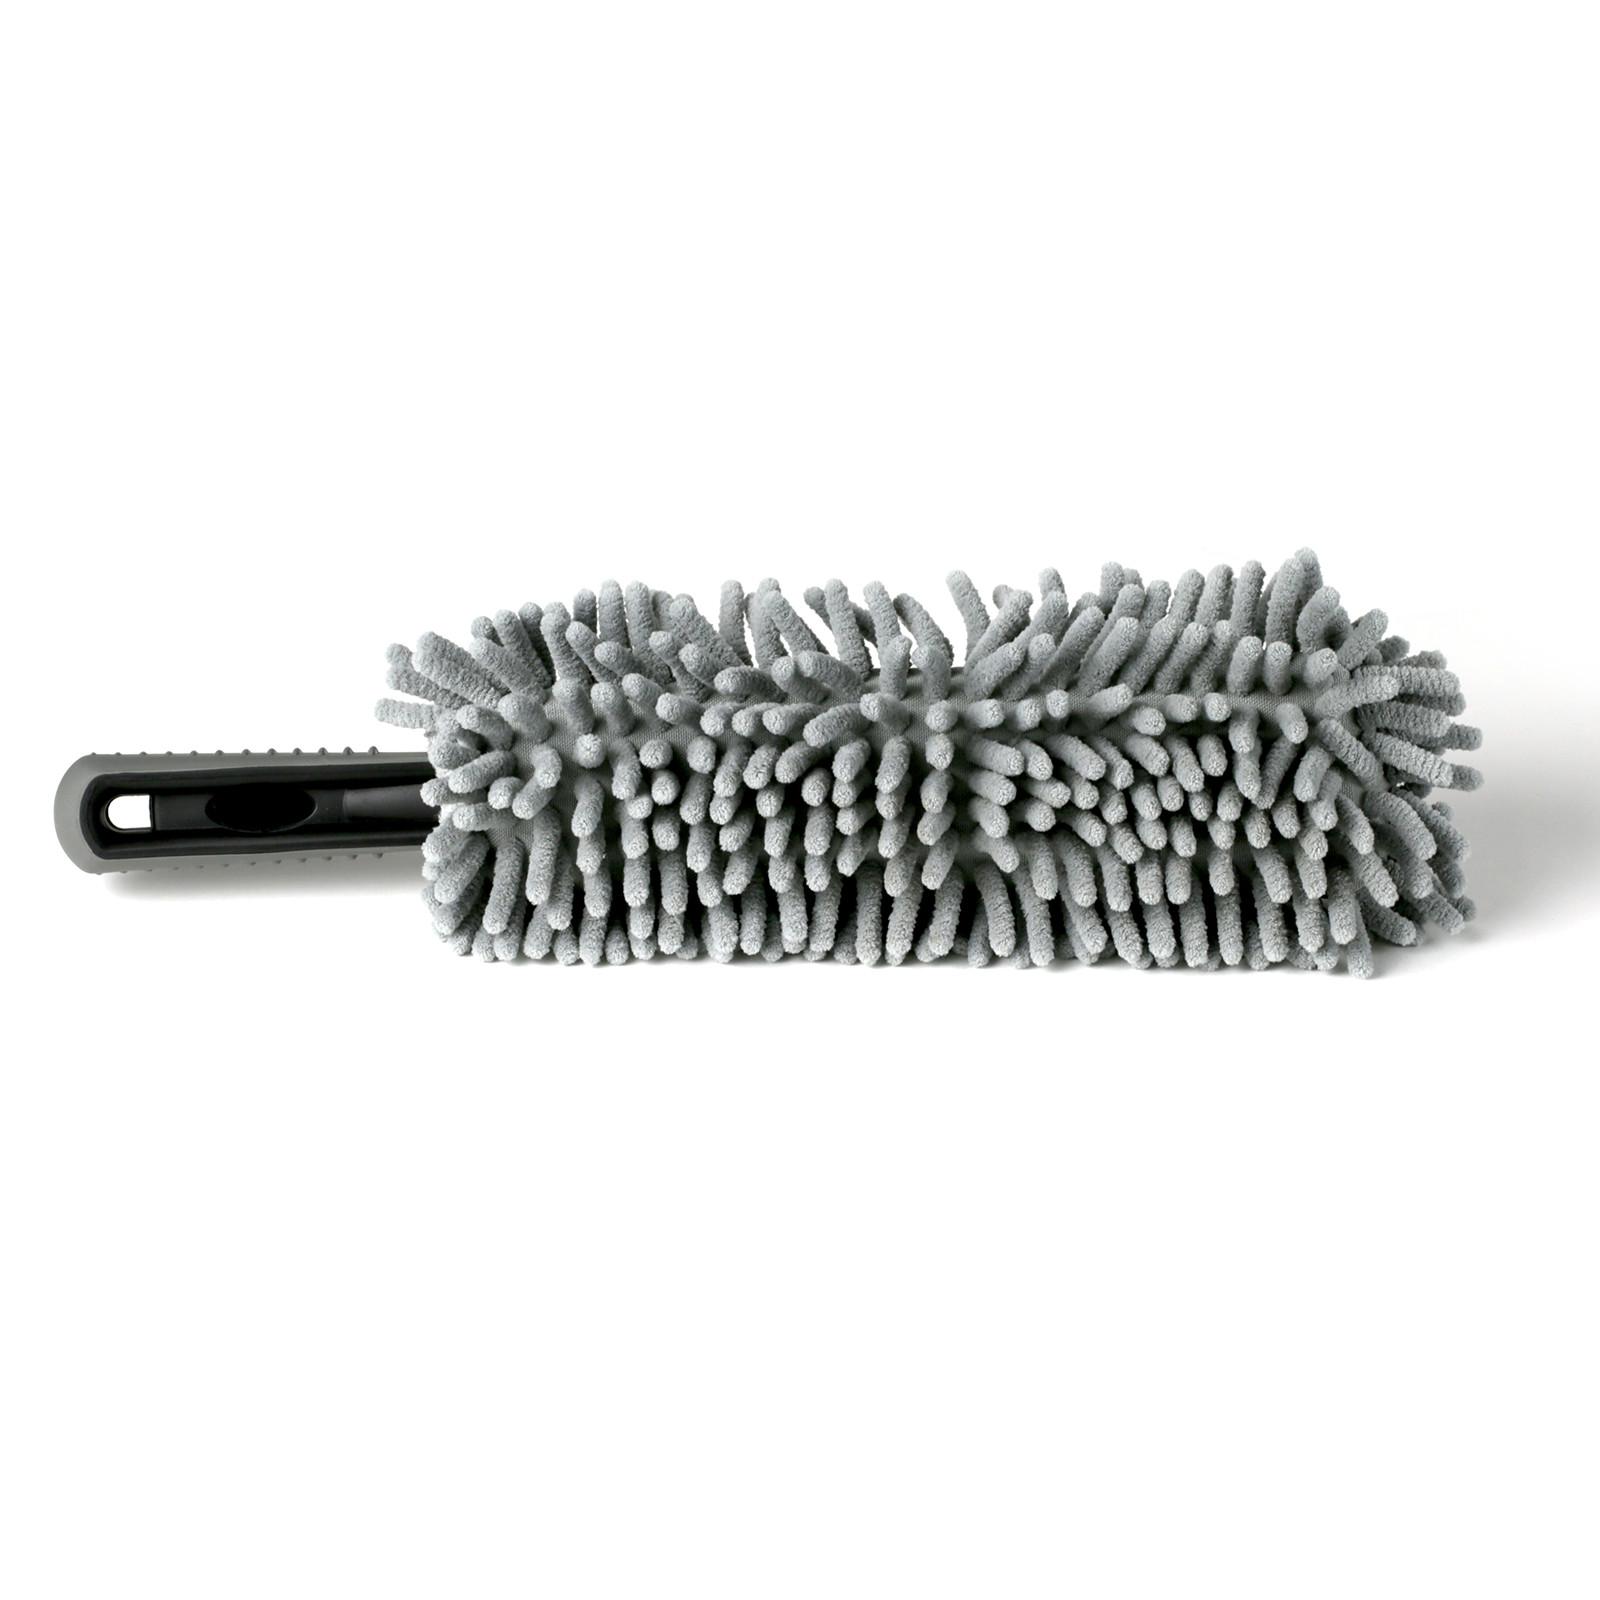 extreme clean 2in1 felgen b rste chenille reinigung wasch. Black Bedroom Furniture Sets. Home Design Ideas